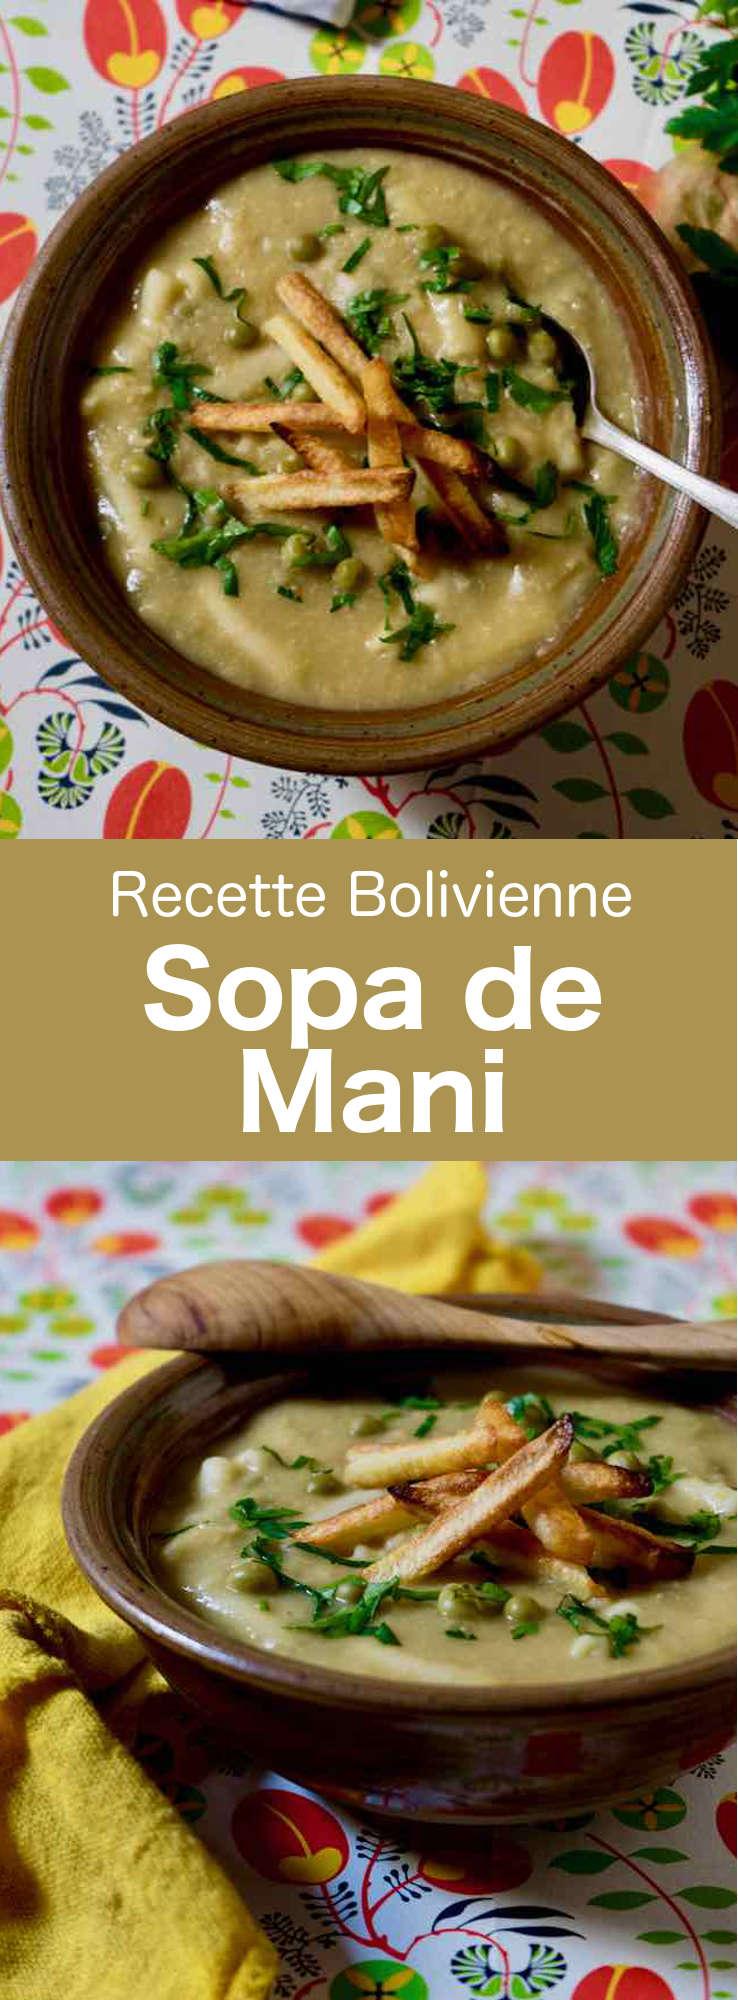 La sopa de mani est l'une des plus délicieuses et traditionnelles soupe de Bolivie. À base de cacahuètes, de pâtes, de petits-pois et de pommes de terre, elle est accompagnée de morceaux de viande de bœuf ou de poulet. #Bolivie #RecetteBolivienne #CuisineBolivienne #CuisineDuMonde #196flavors